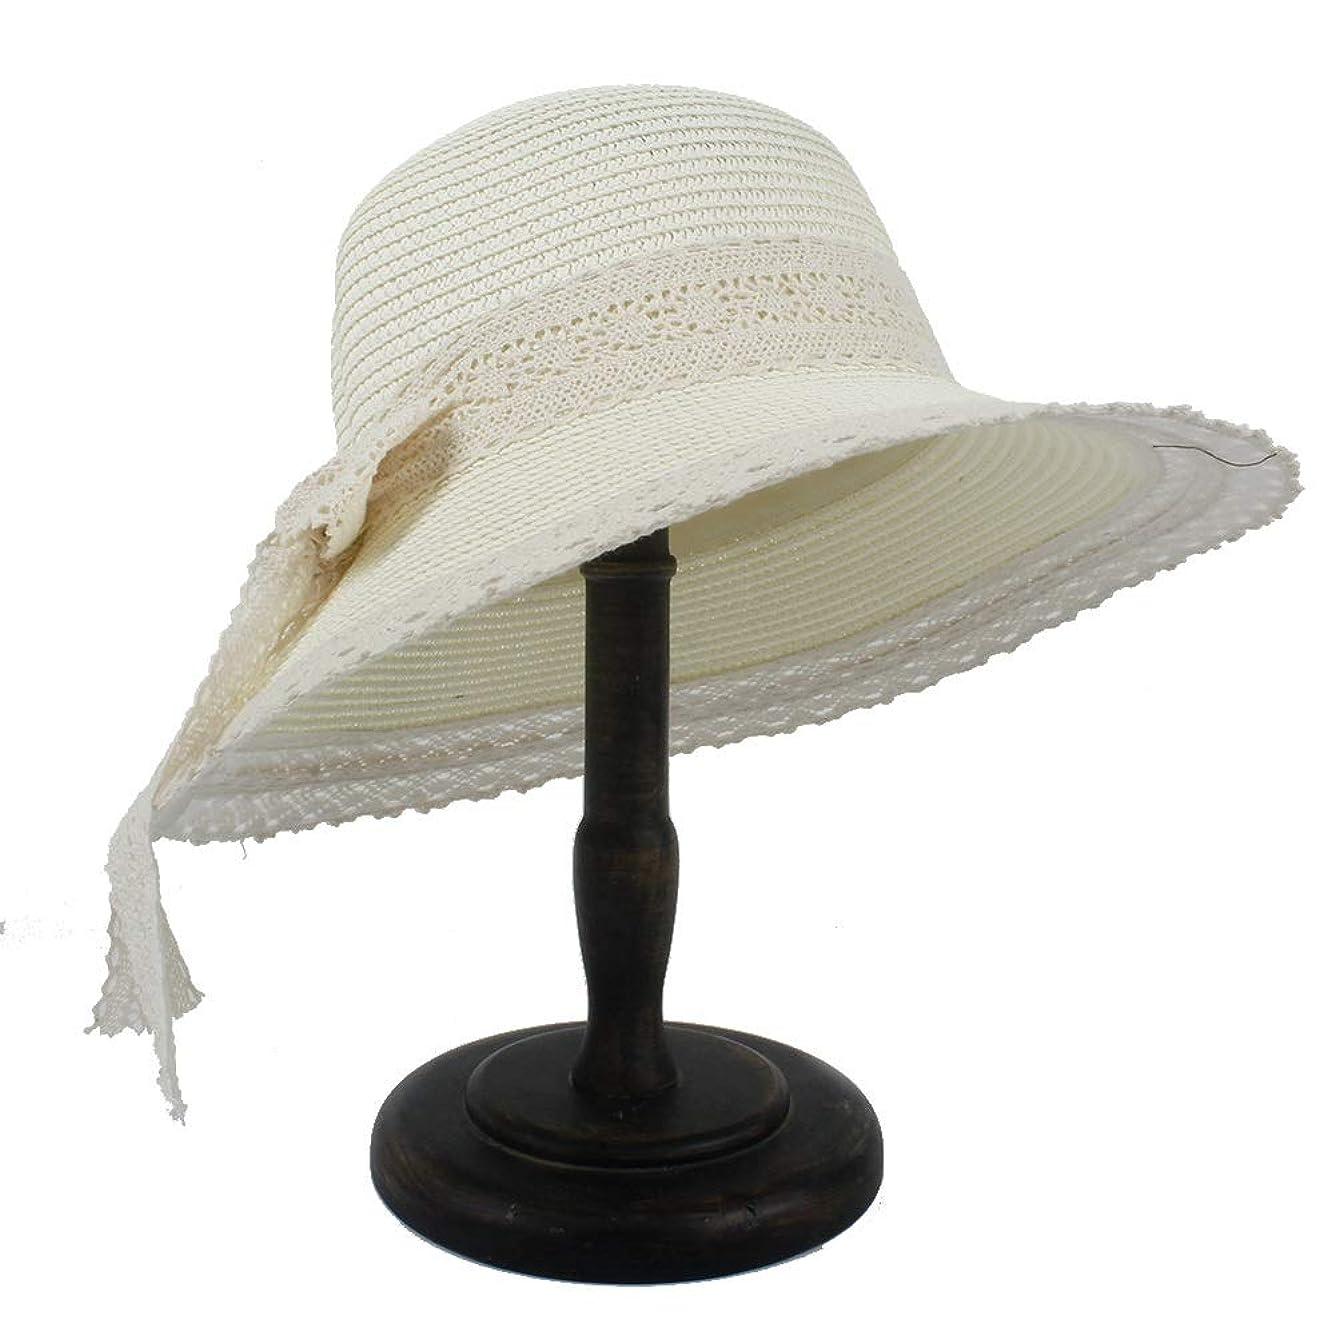 従うサイズ険しいFengheYQ 広いつばが付いている女性のわらの浜の日曜日の帽子ドームのバケツのSunbonnetの方法サイズ:56-58cm (Color : Cream, Size : 56-58cm)